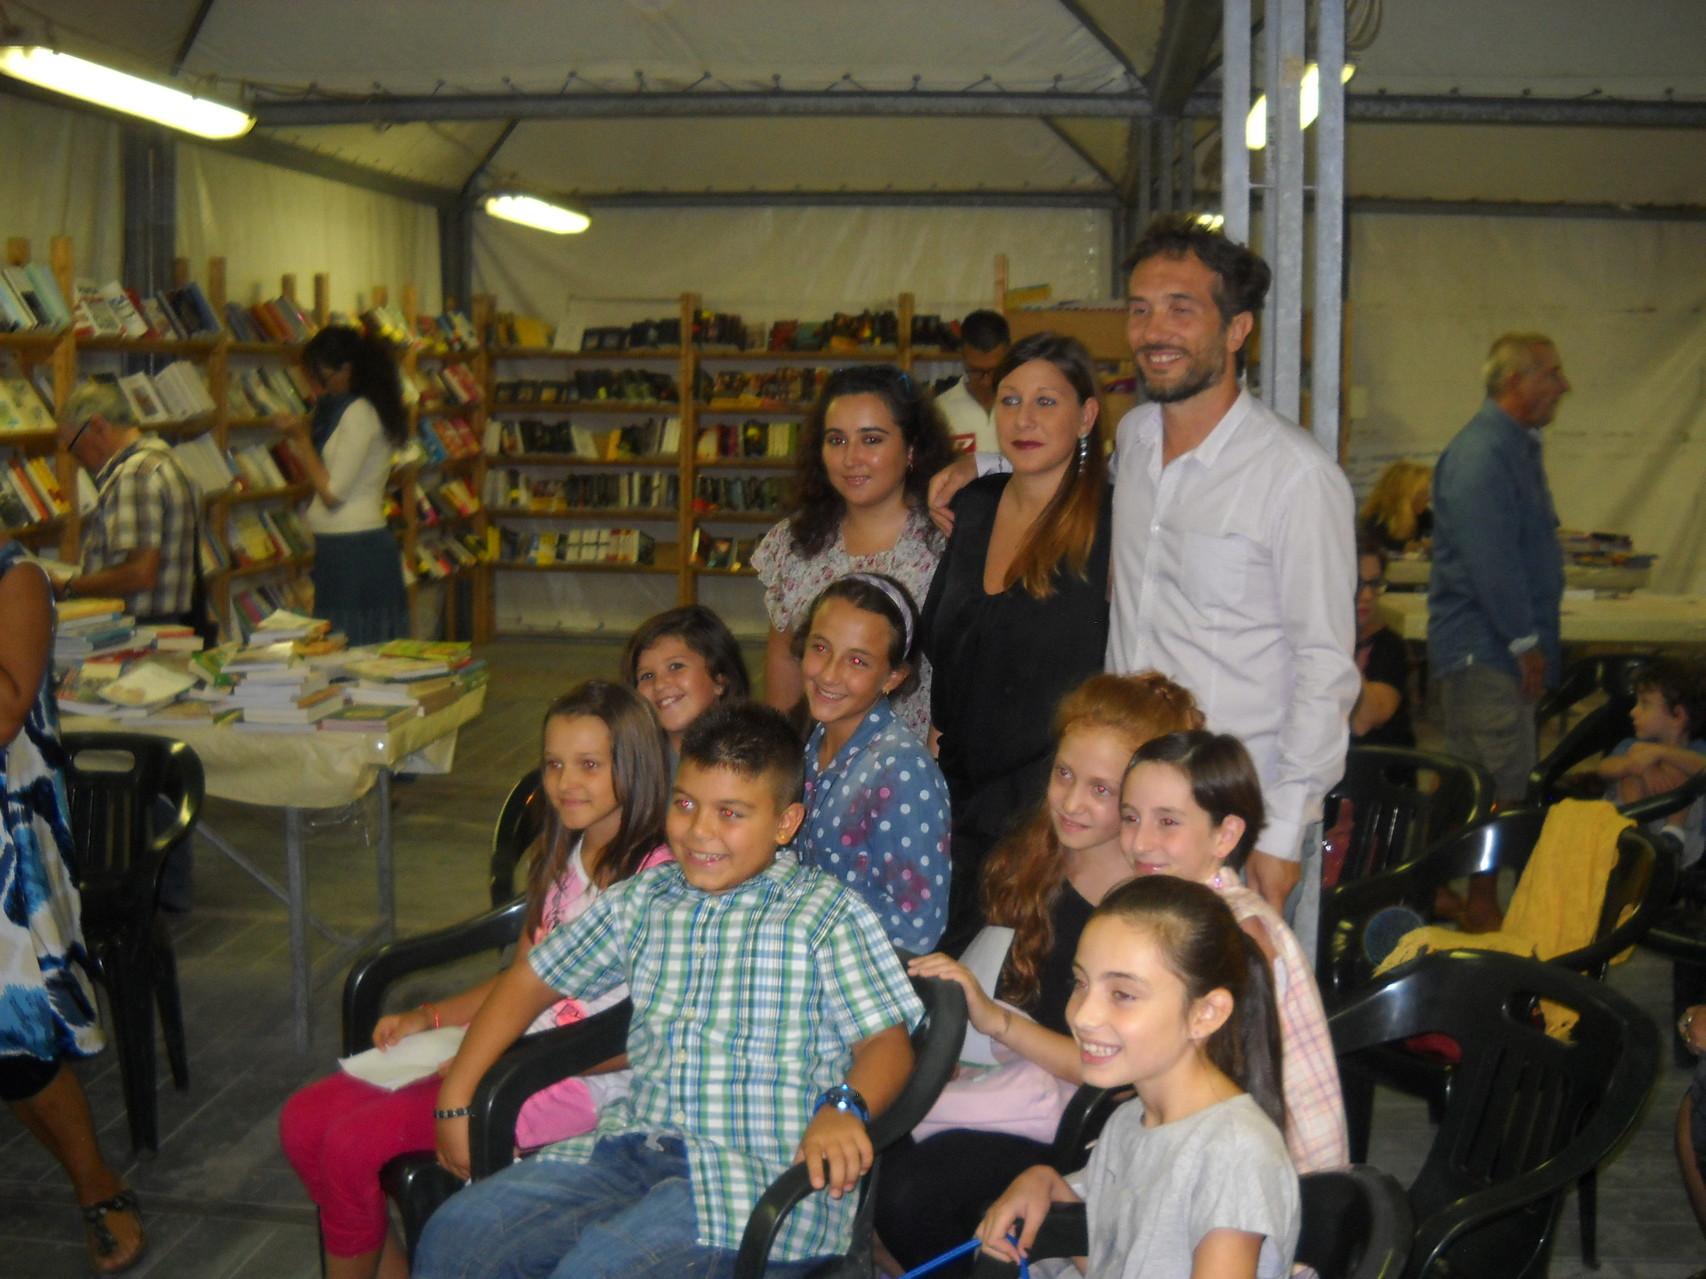 L'autrice Francesca Ghiribelli, gli attori e i bambini del Teatro dell'Aglio Valentina Brancaleone e Daniele Gargano.